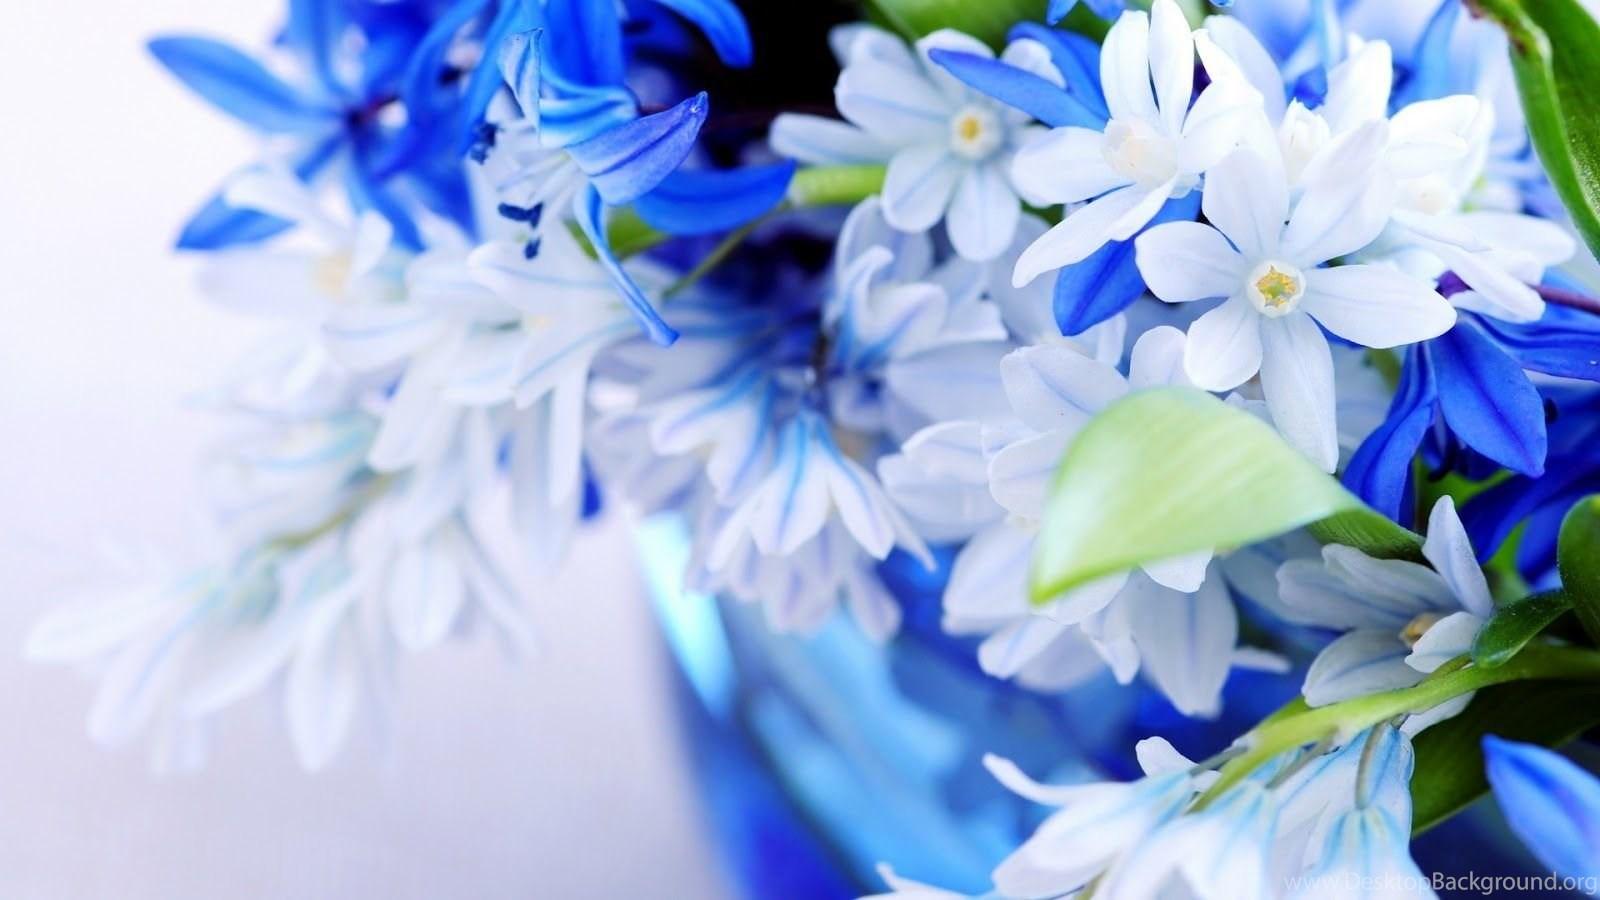 Beautiful flower pictures and wallpapers download desktop background popular izmirmasajfo